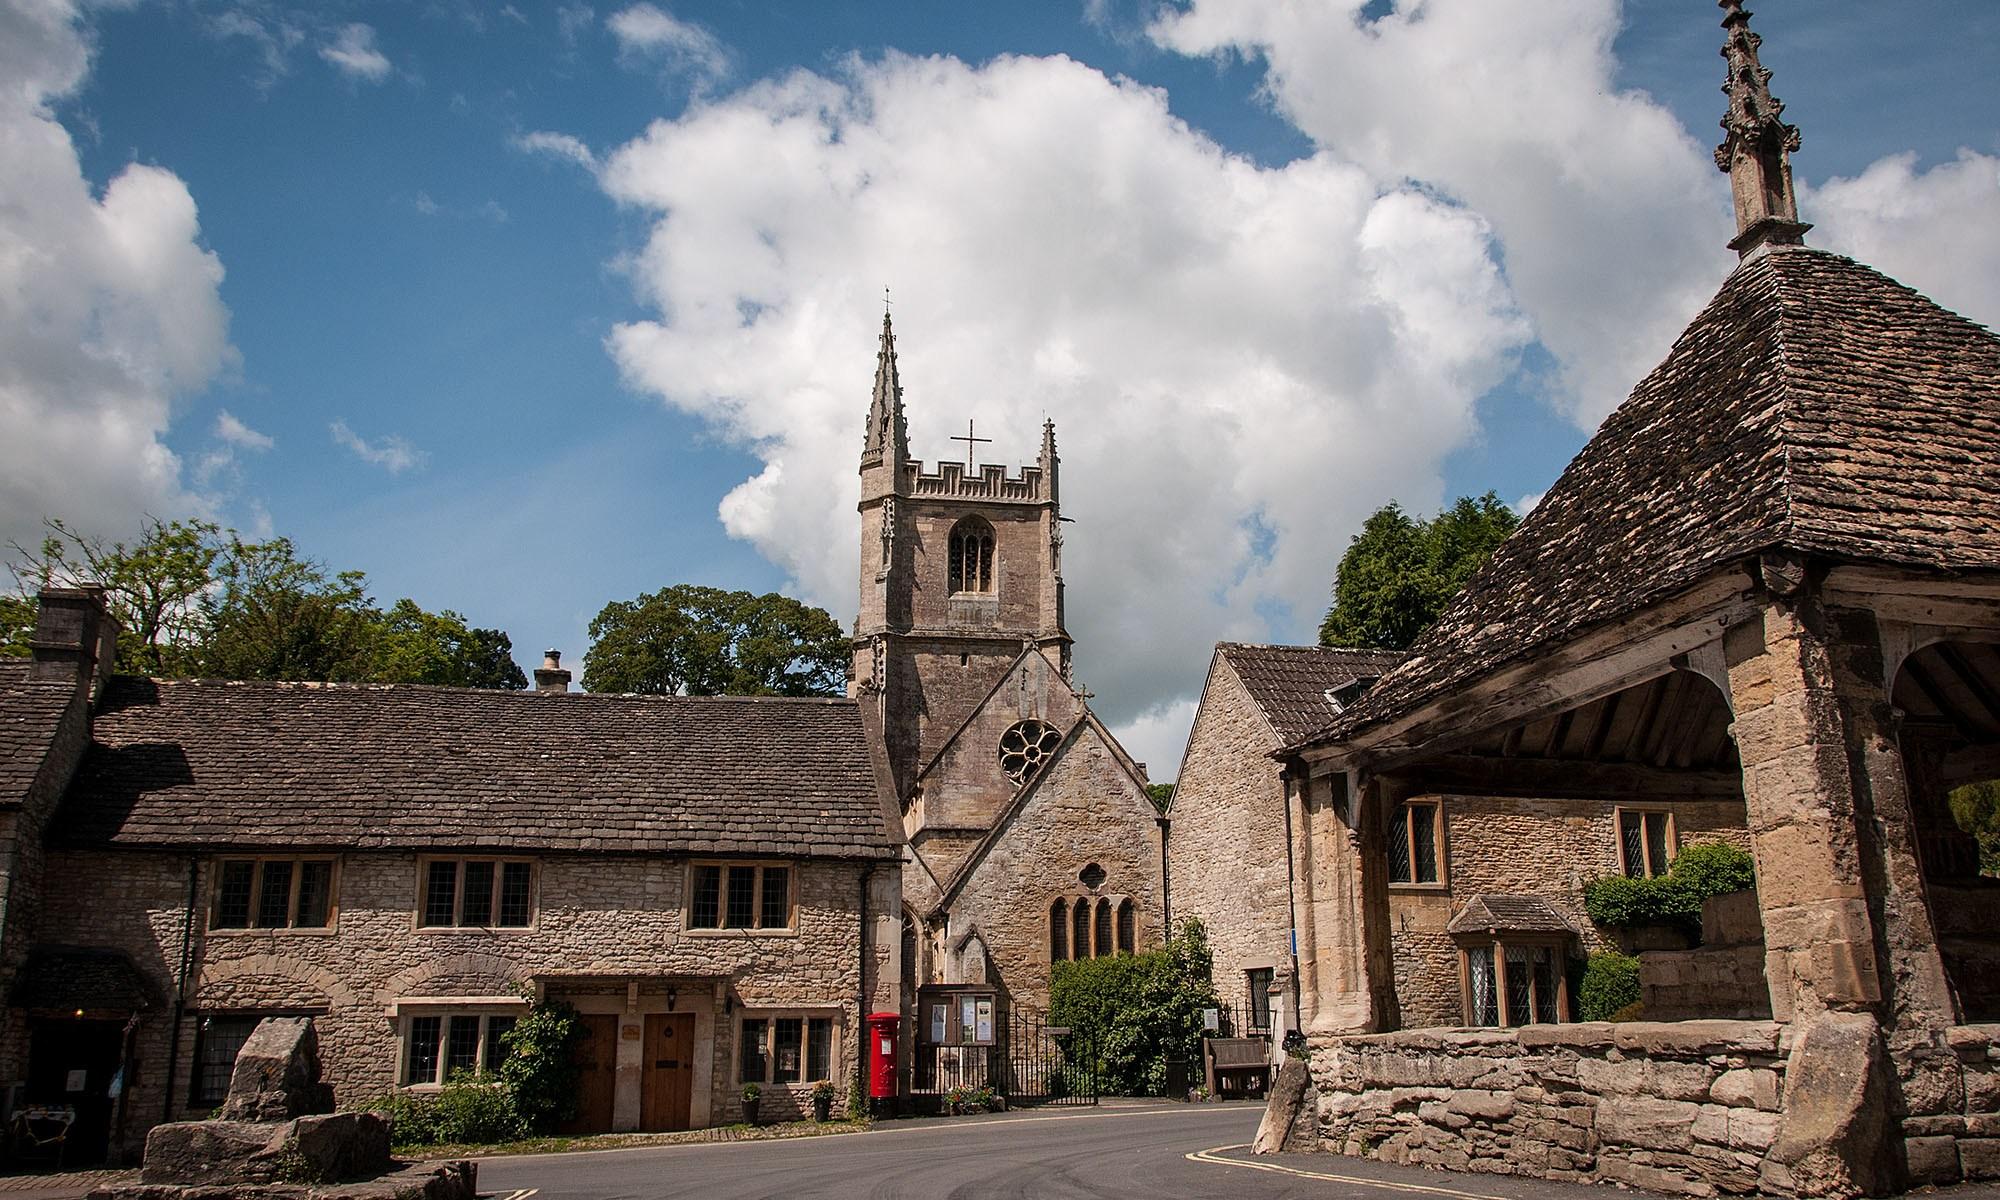 Castle Combe Village Wiltshire